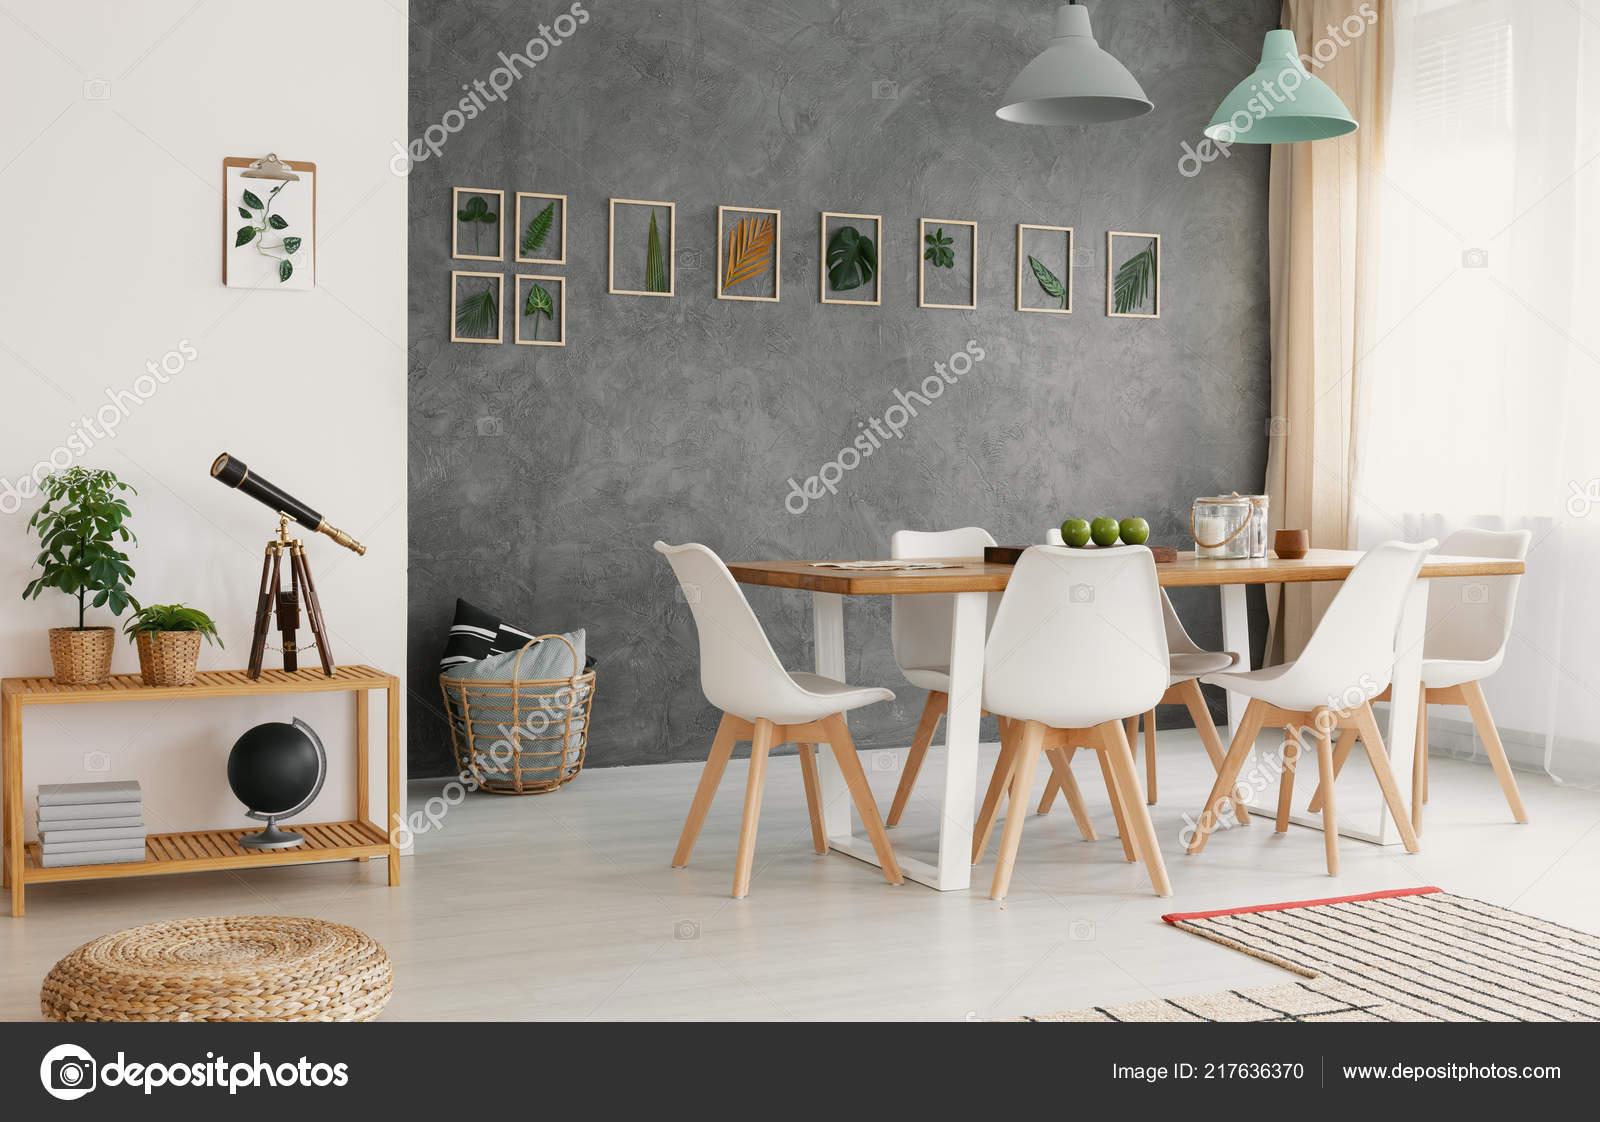 Moderne Blanc Salle Manger Chaises Autour Une Grande Table Boisu2013 Images De  Stock Libres De Droits